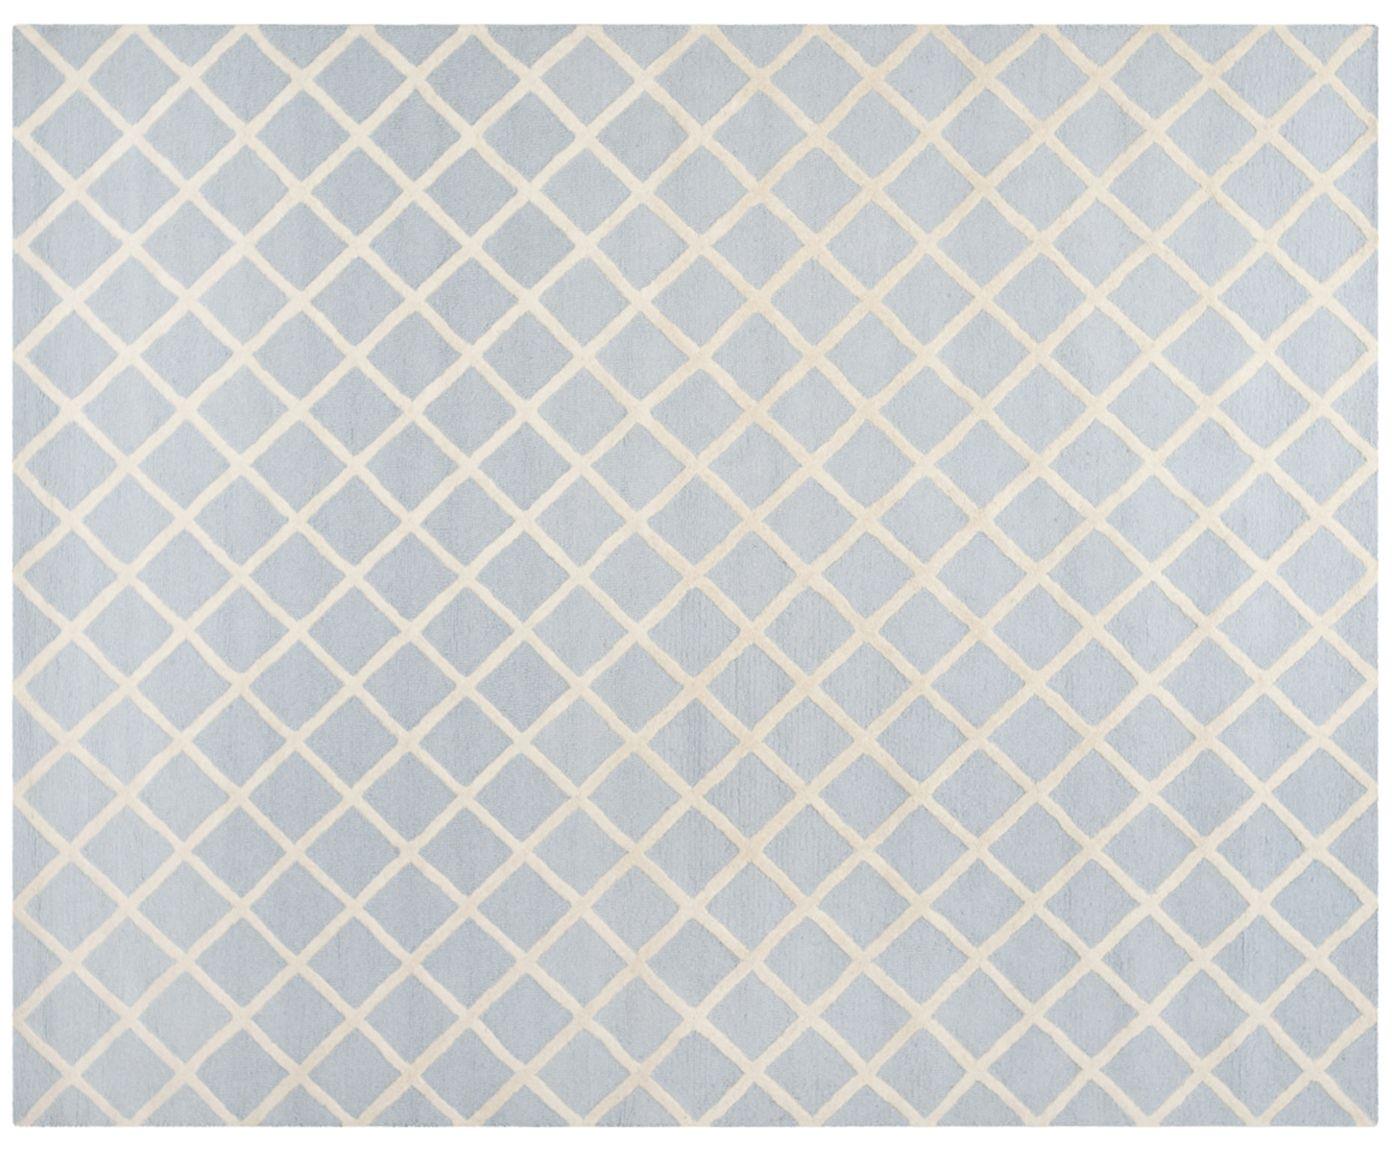 klassisch mit rautenmuster teppich noria ist jetzt schon ein evergreen f r alle die klassische. Black Bedroom Furniture Sets. Home Design Ideas